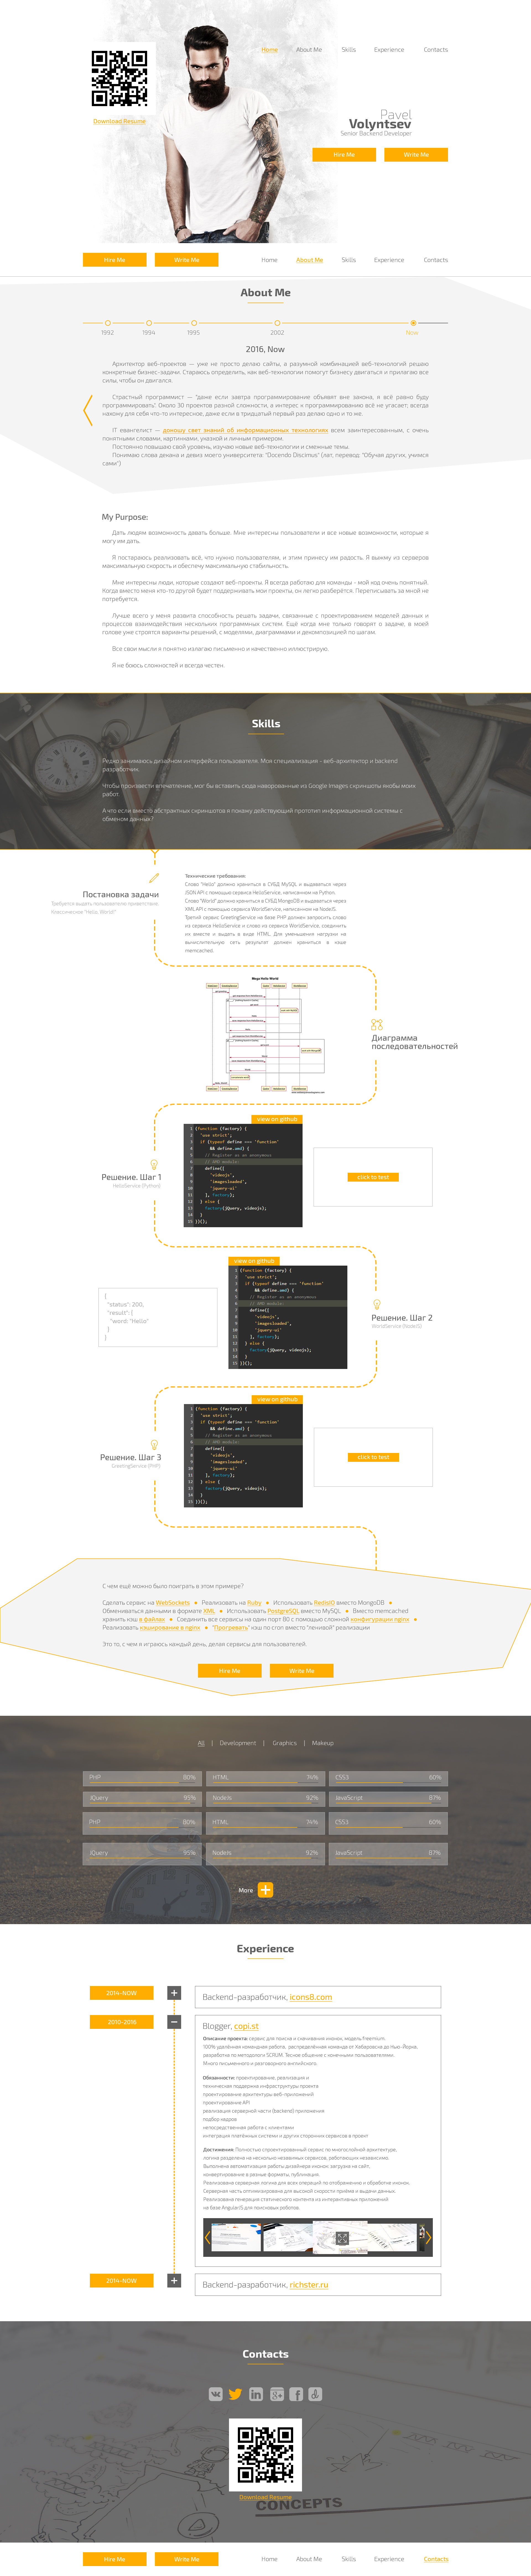 Дизайн одностраничного портфолио веб-разработчика.